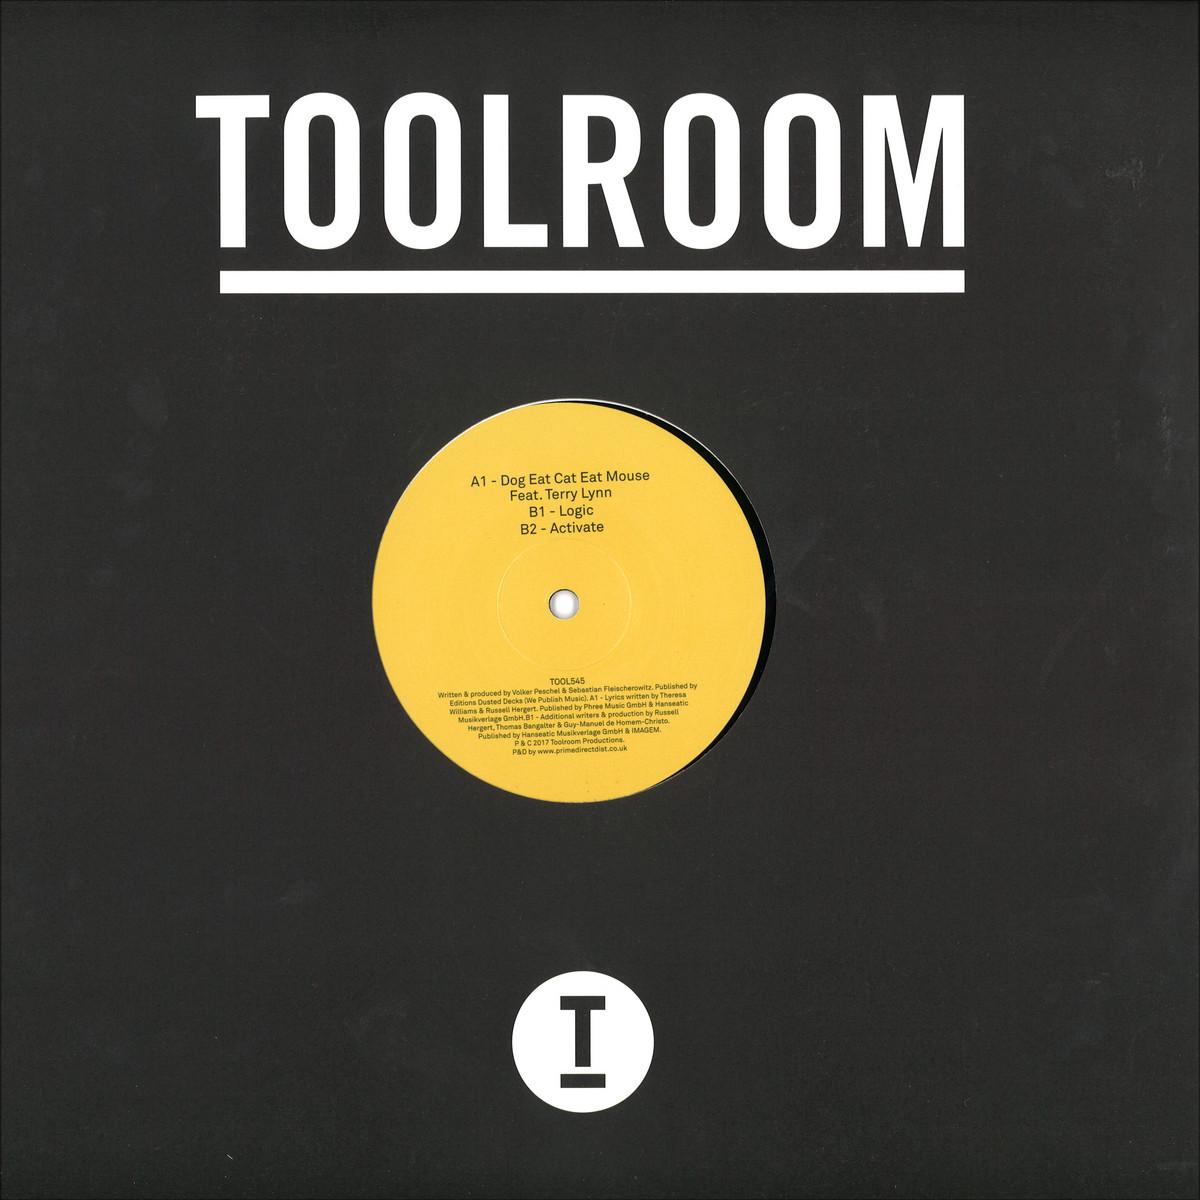 deejay de - Toolroom